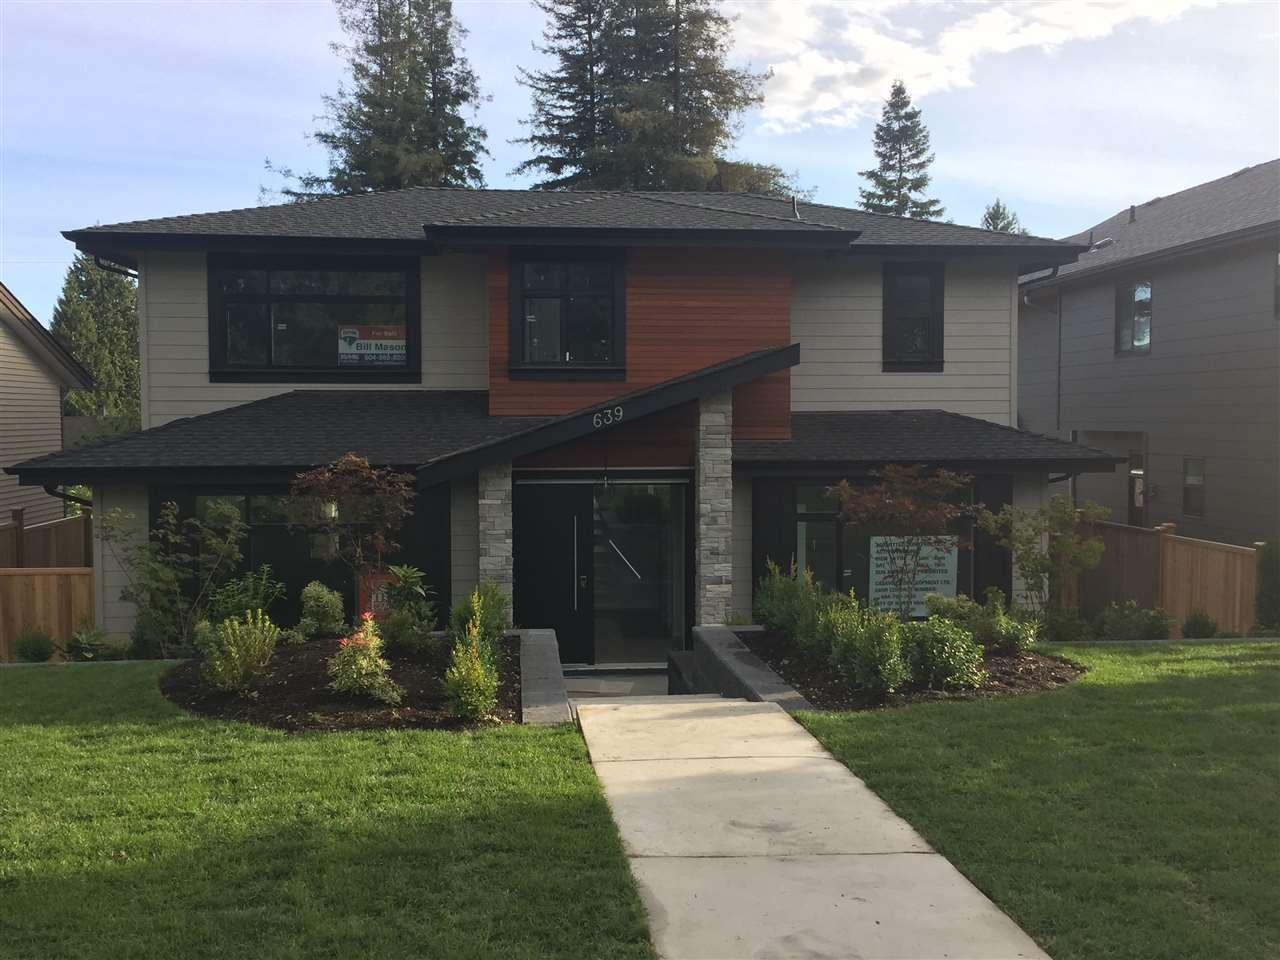 639 E 6TH STREET, North Vancouver, BC V7L 1R4